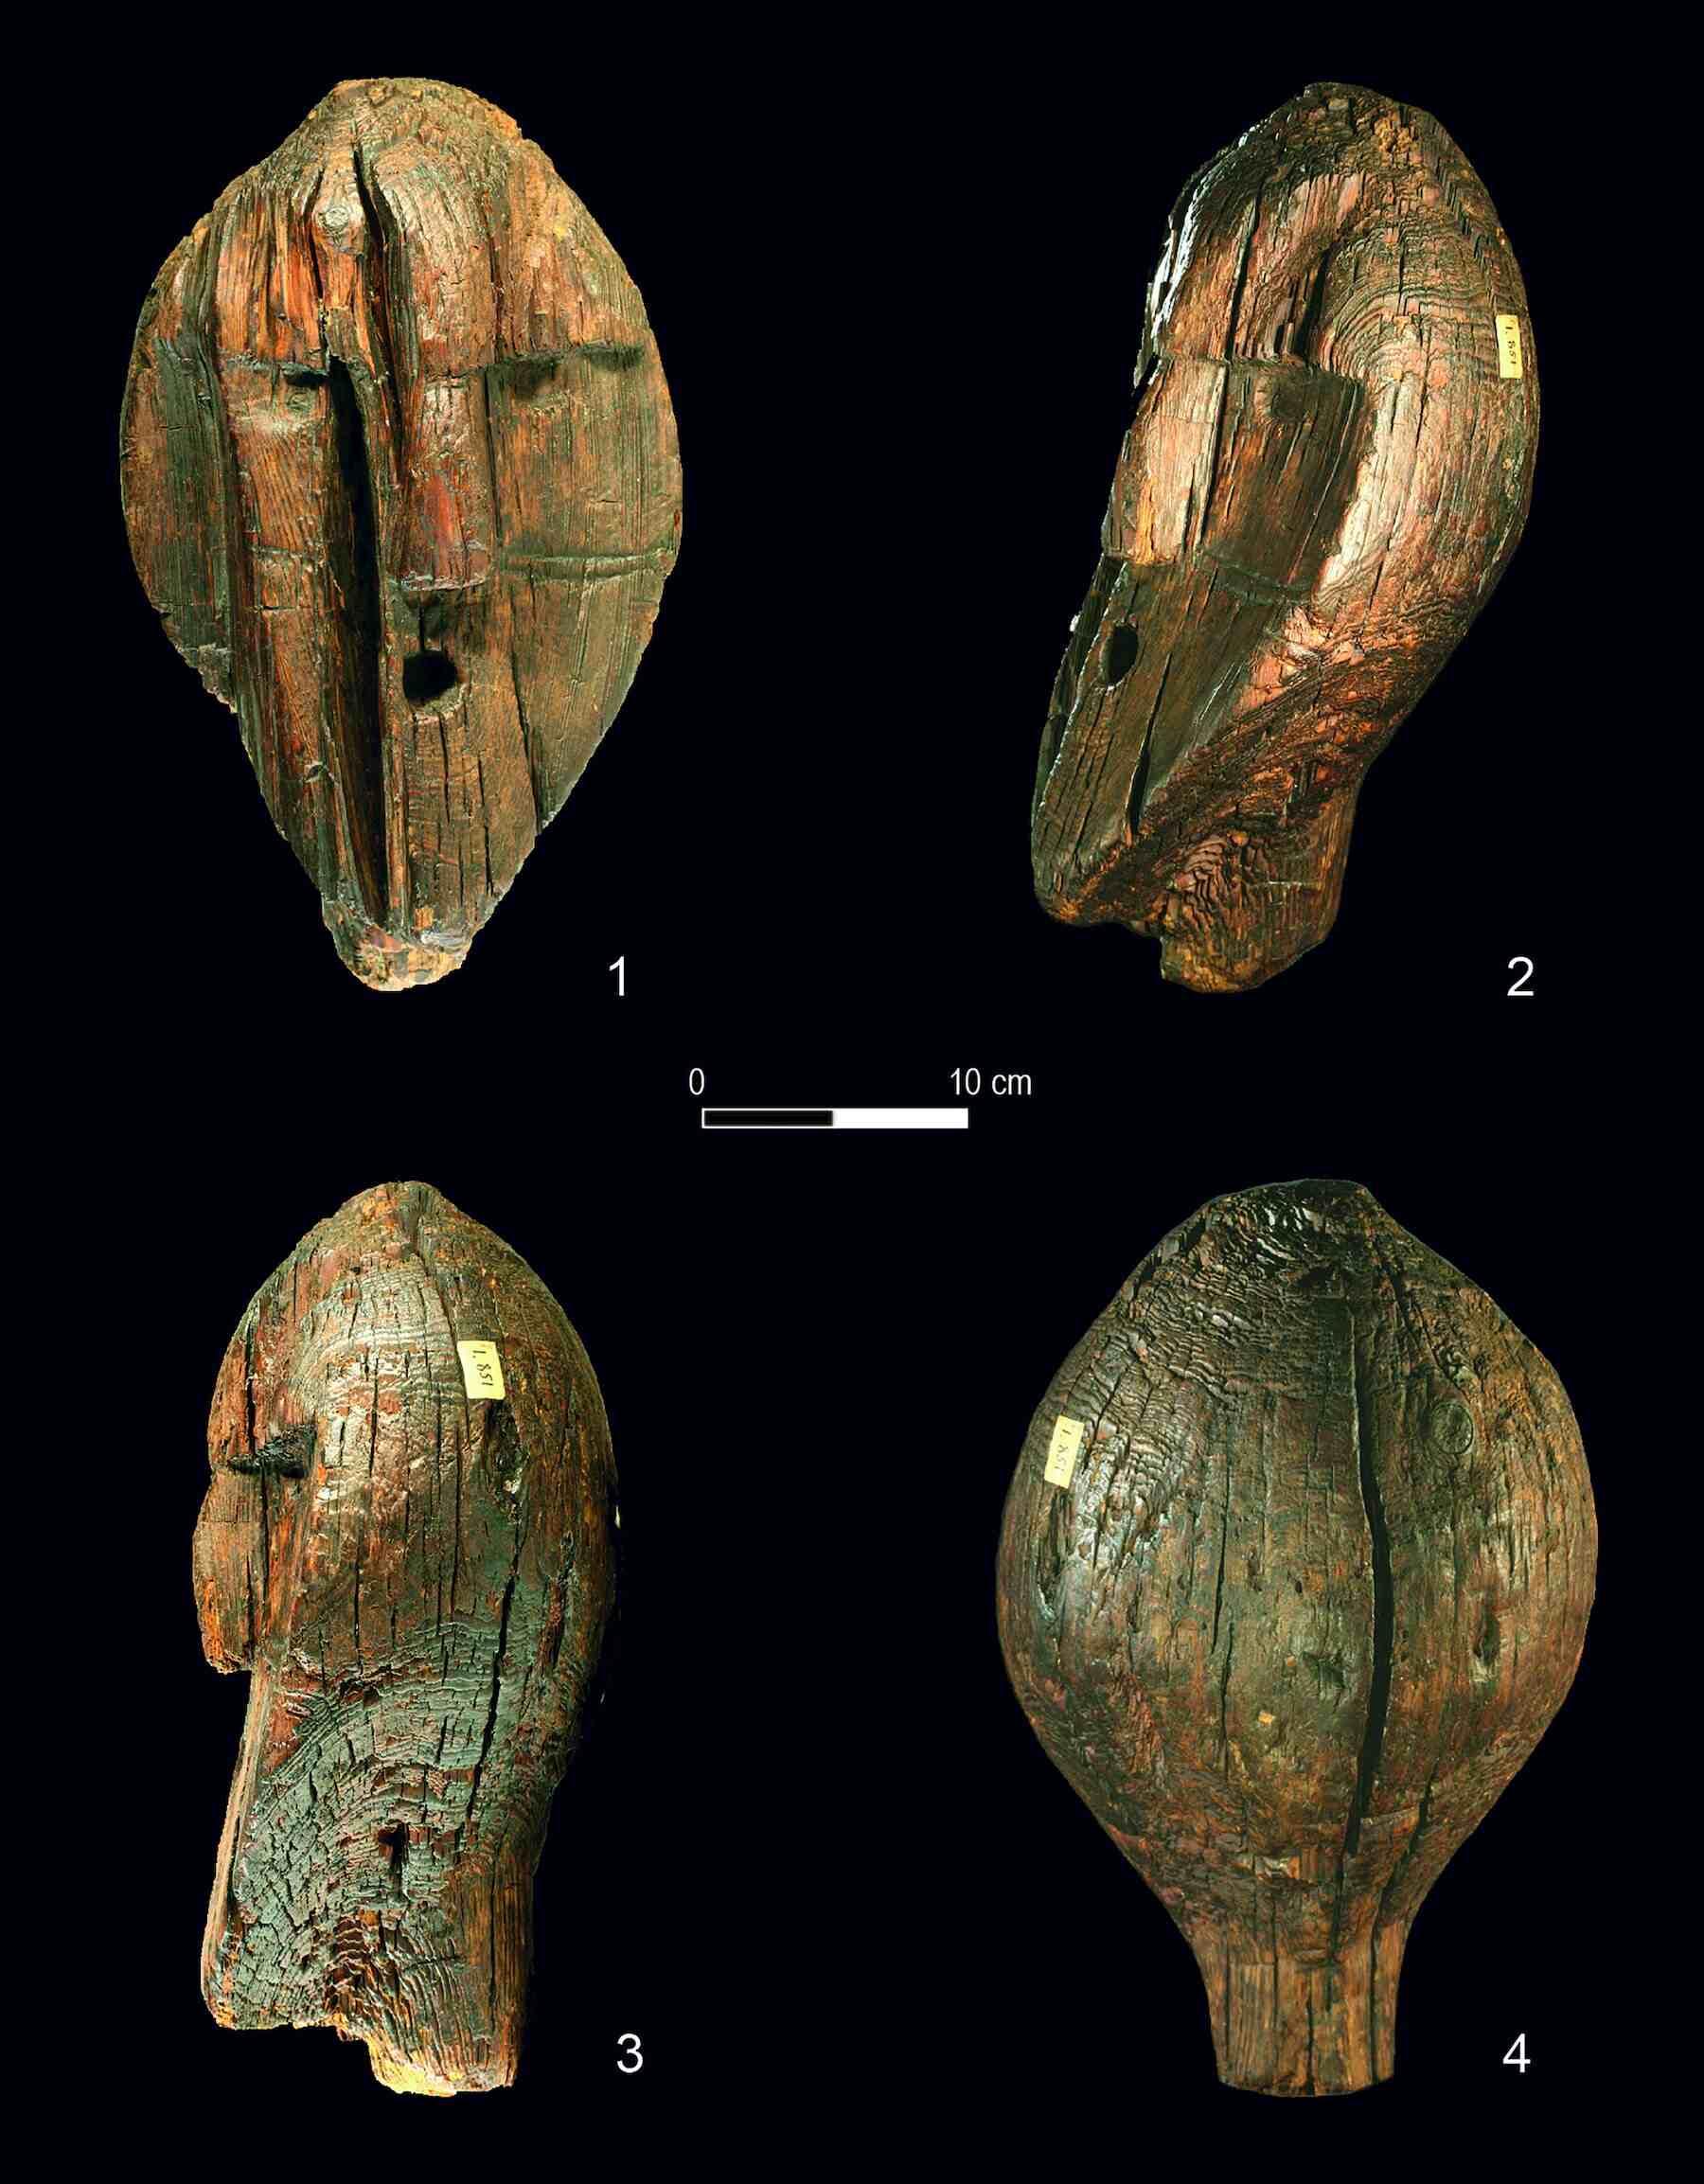 Hoofd van het Shigir-idool, 's werelds oudste houten sculptuur, ontdekt in een Russisch veenmoeras in 1890. Foto met dank aan het Regionaal Museum van Sverdlovsk.